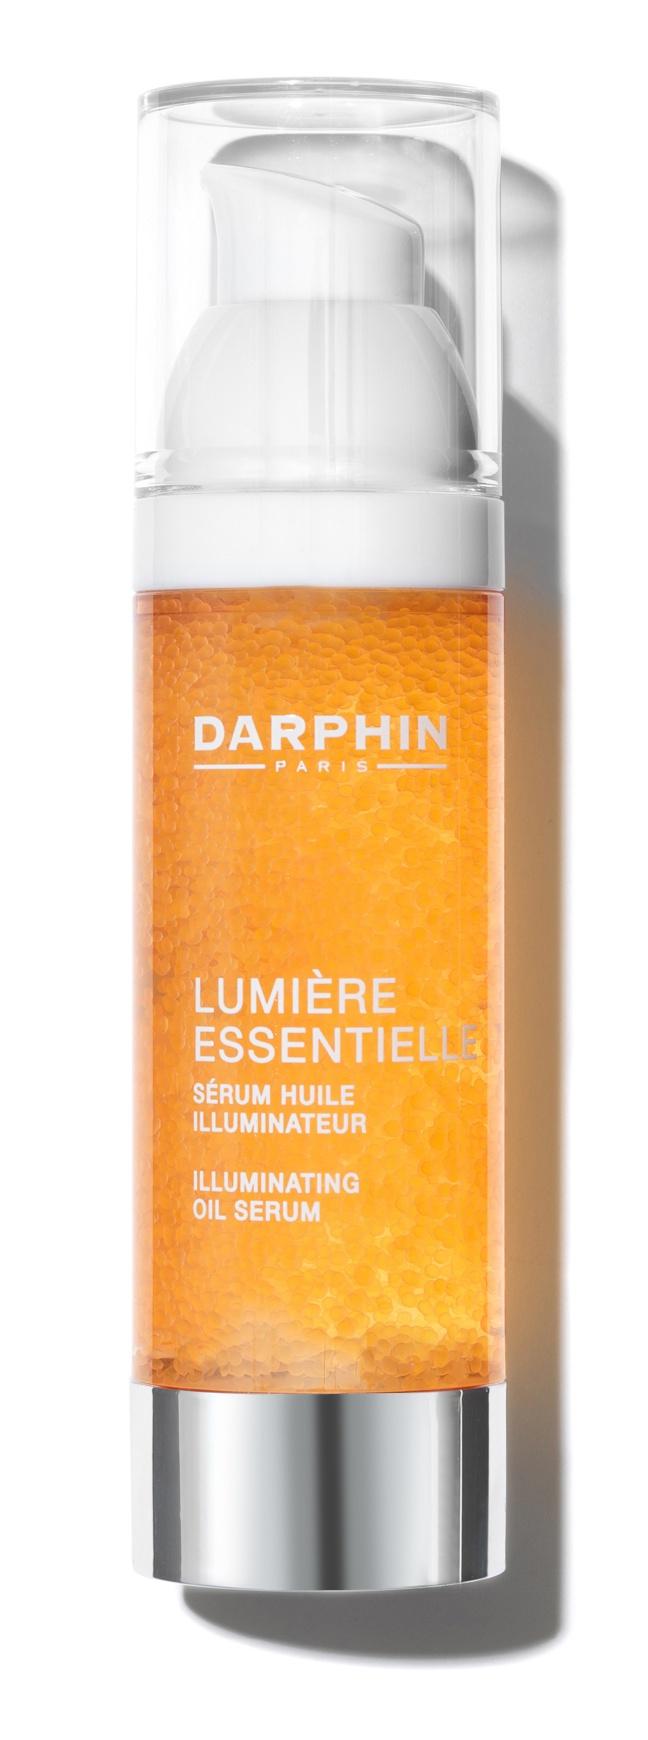 Darphin Lumiere Essentielle Serum